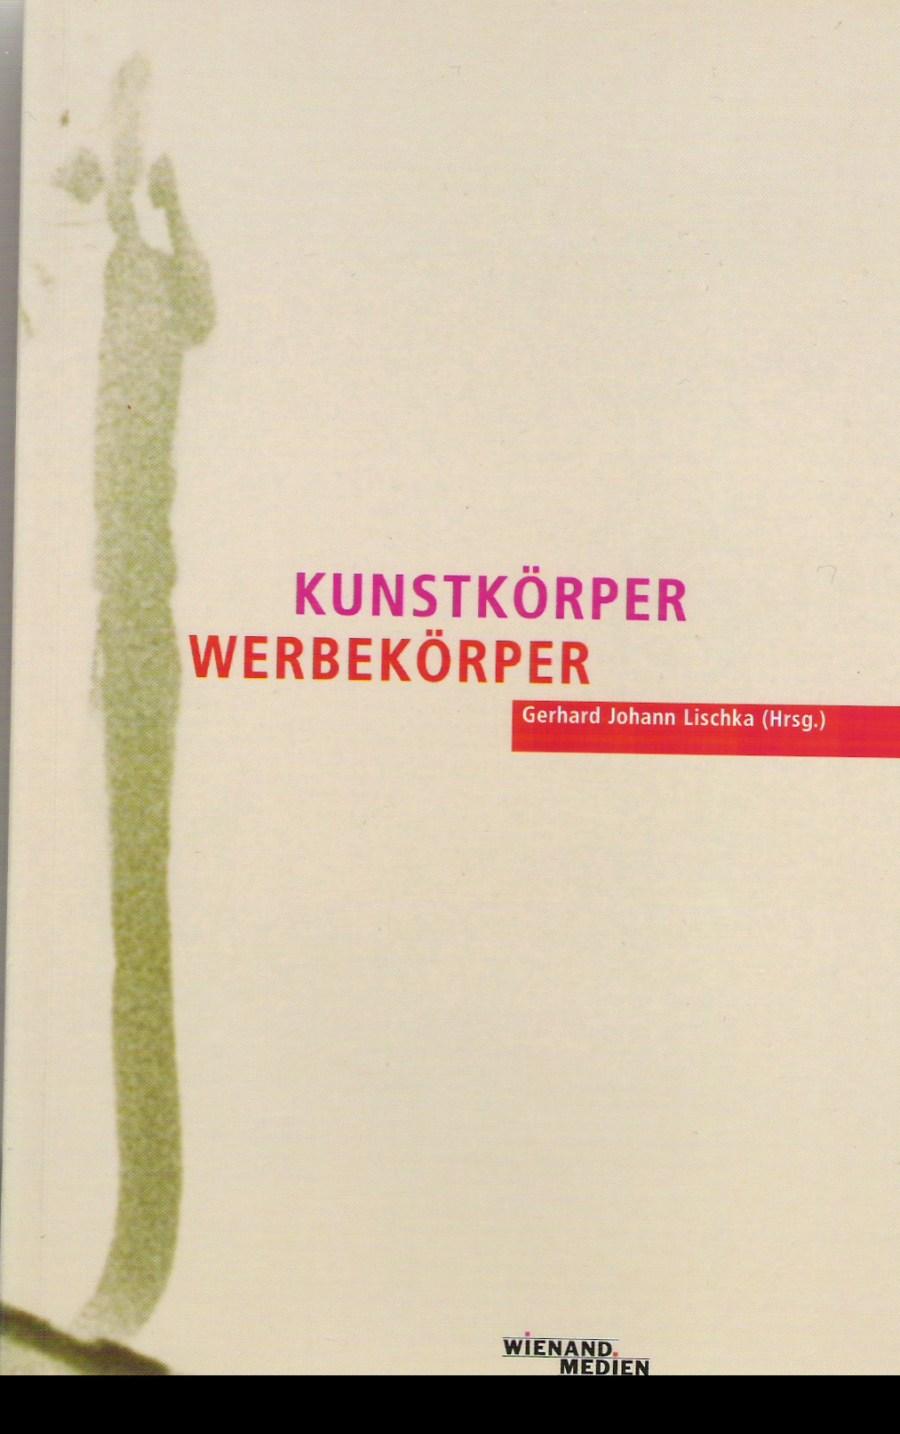 kunstkorper-werbekorper-2000